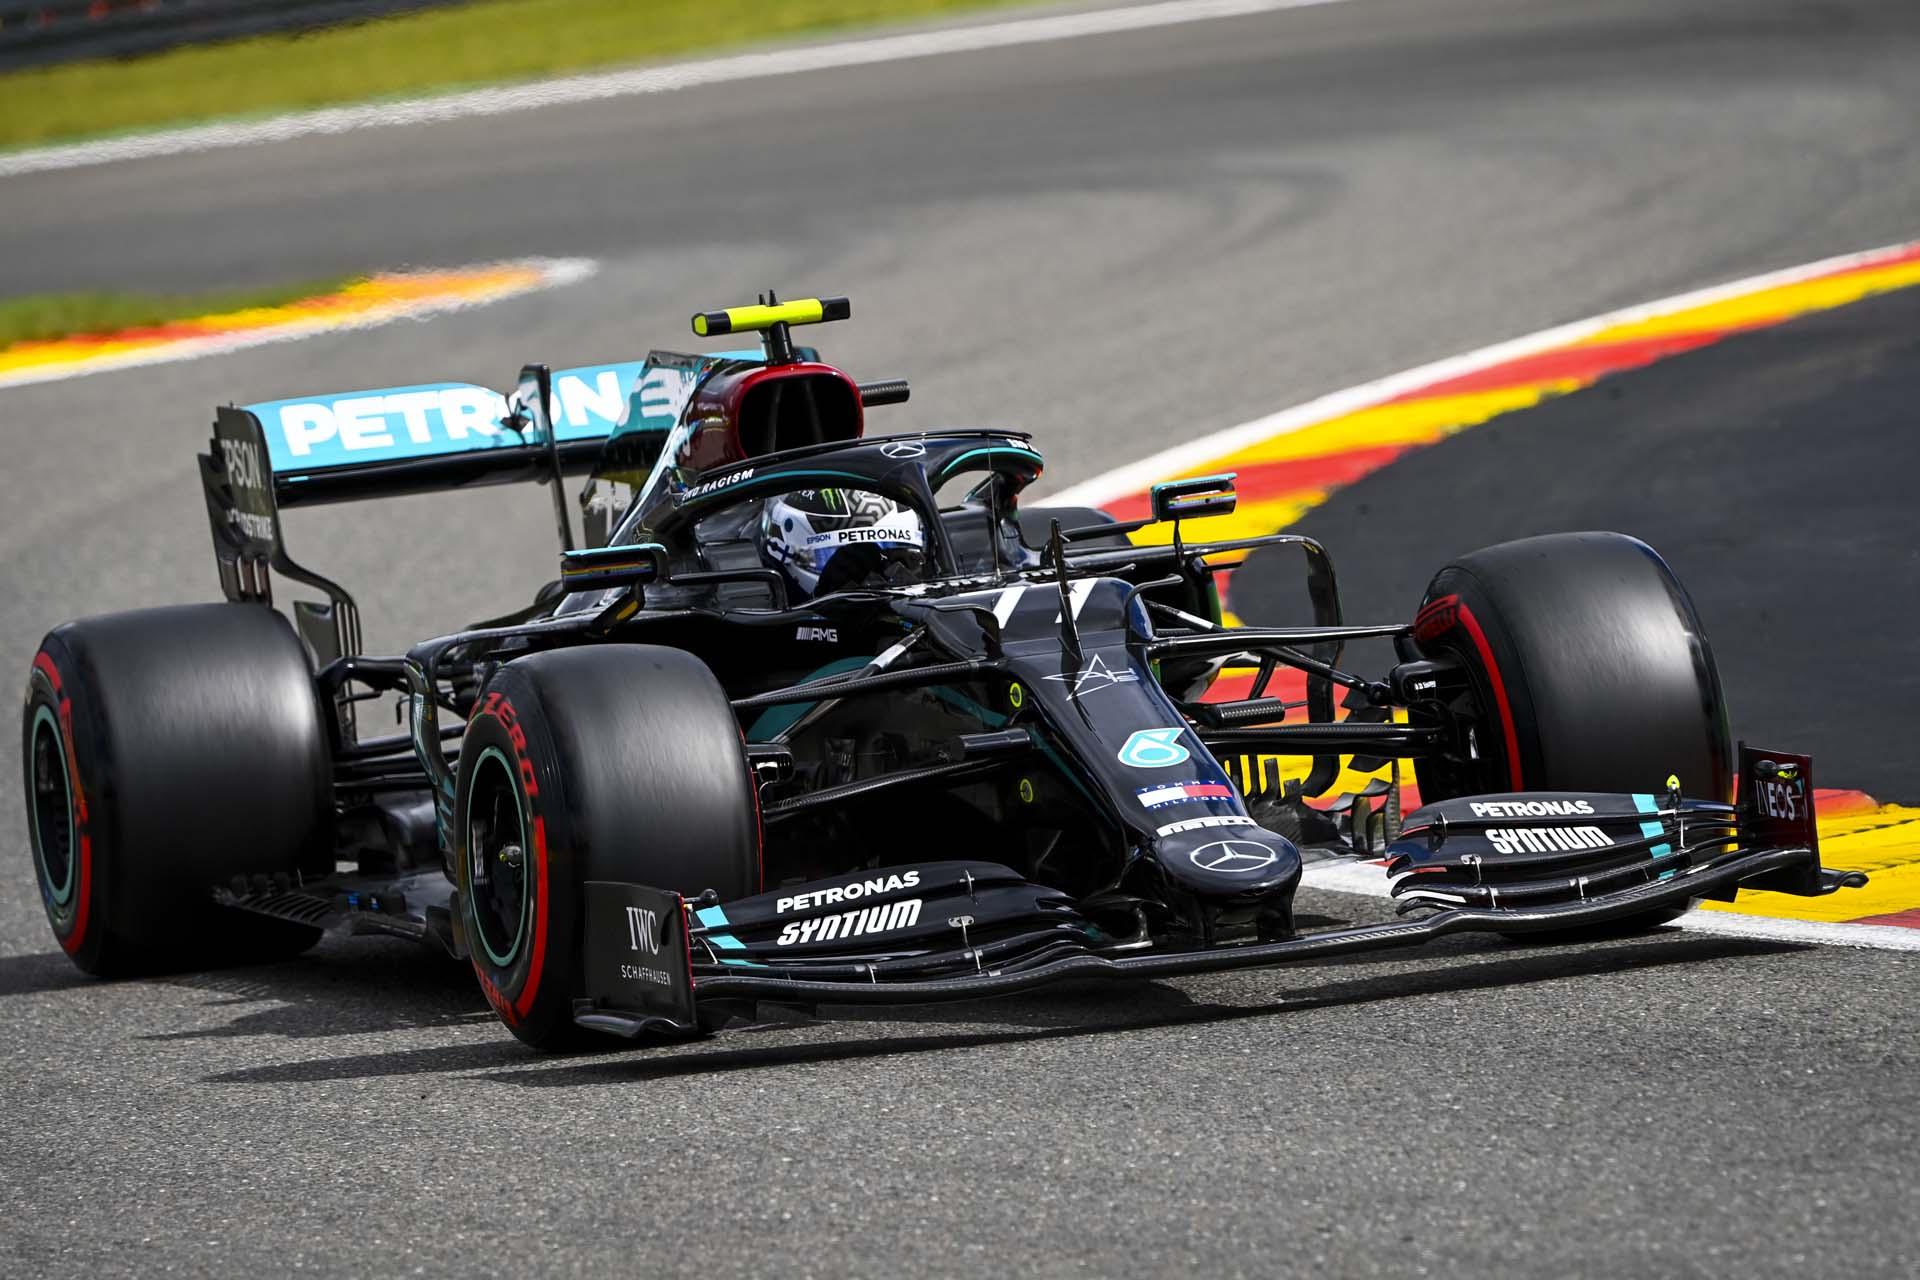 2020 Belgian Grand Prix, Saturday - LAT Images